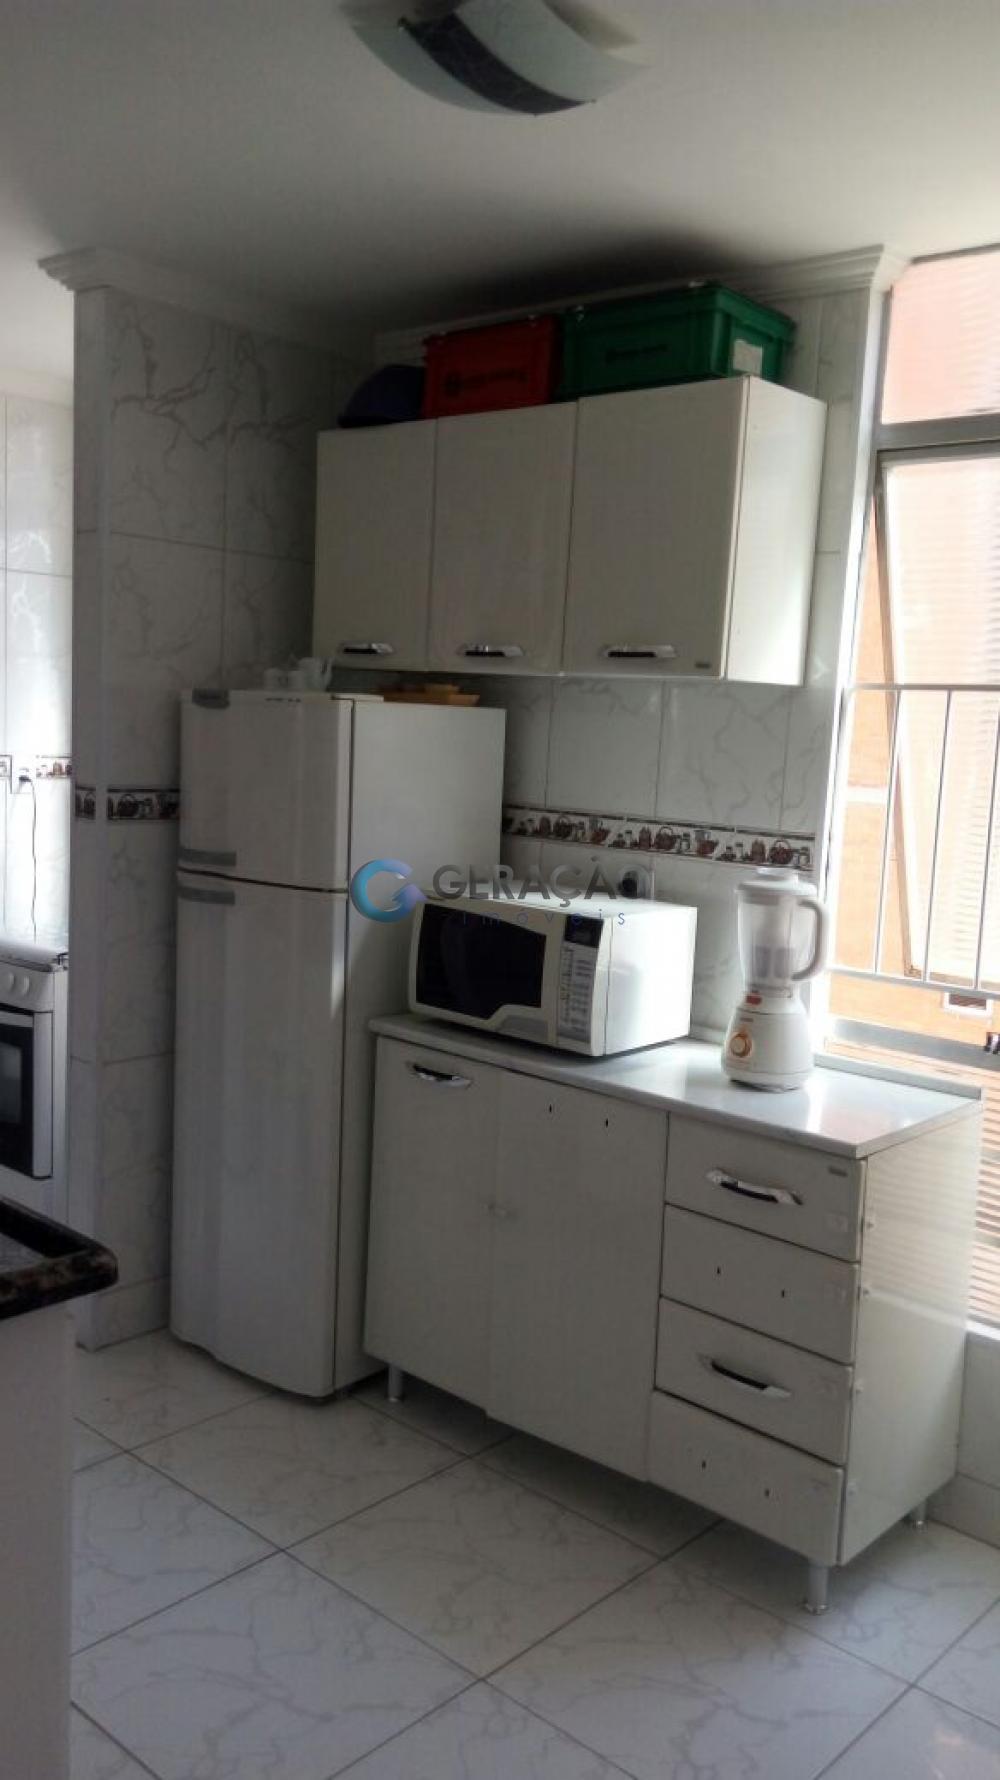 Comprar Apartamento / Padrão em São José dos Campos R$ 185.000,00 - Foto 11